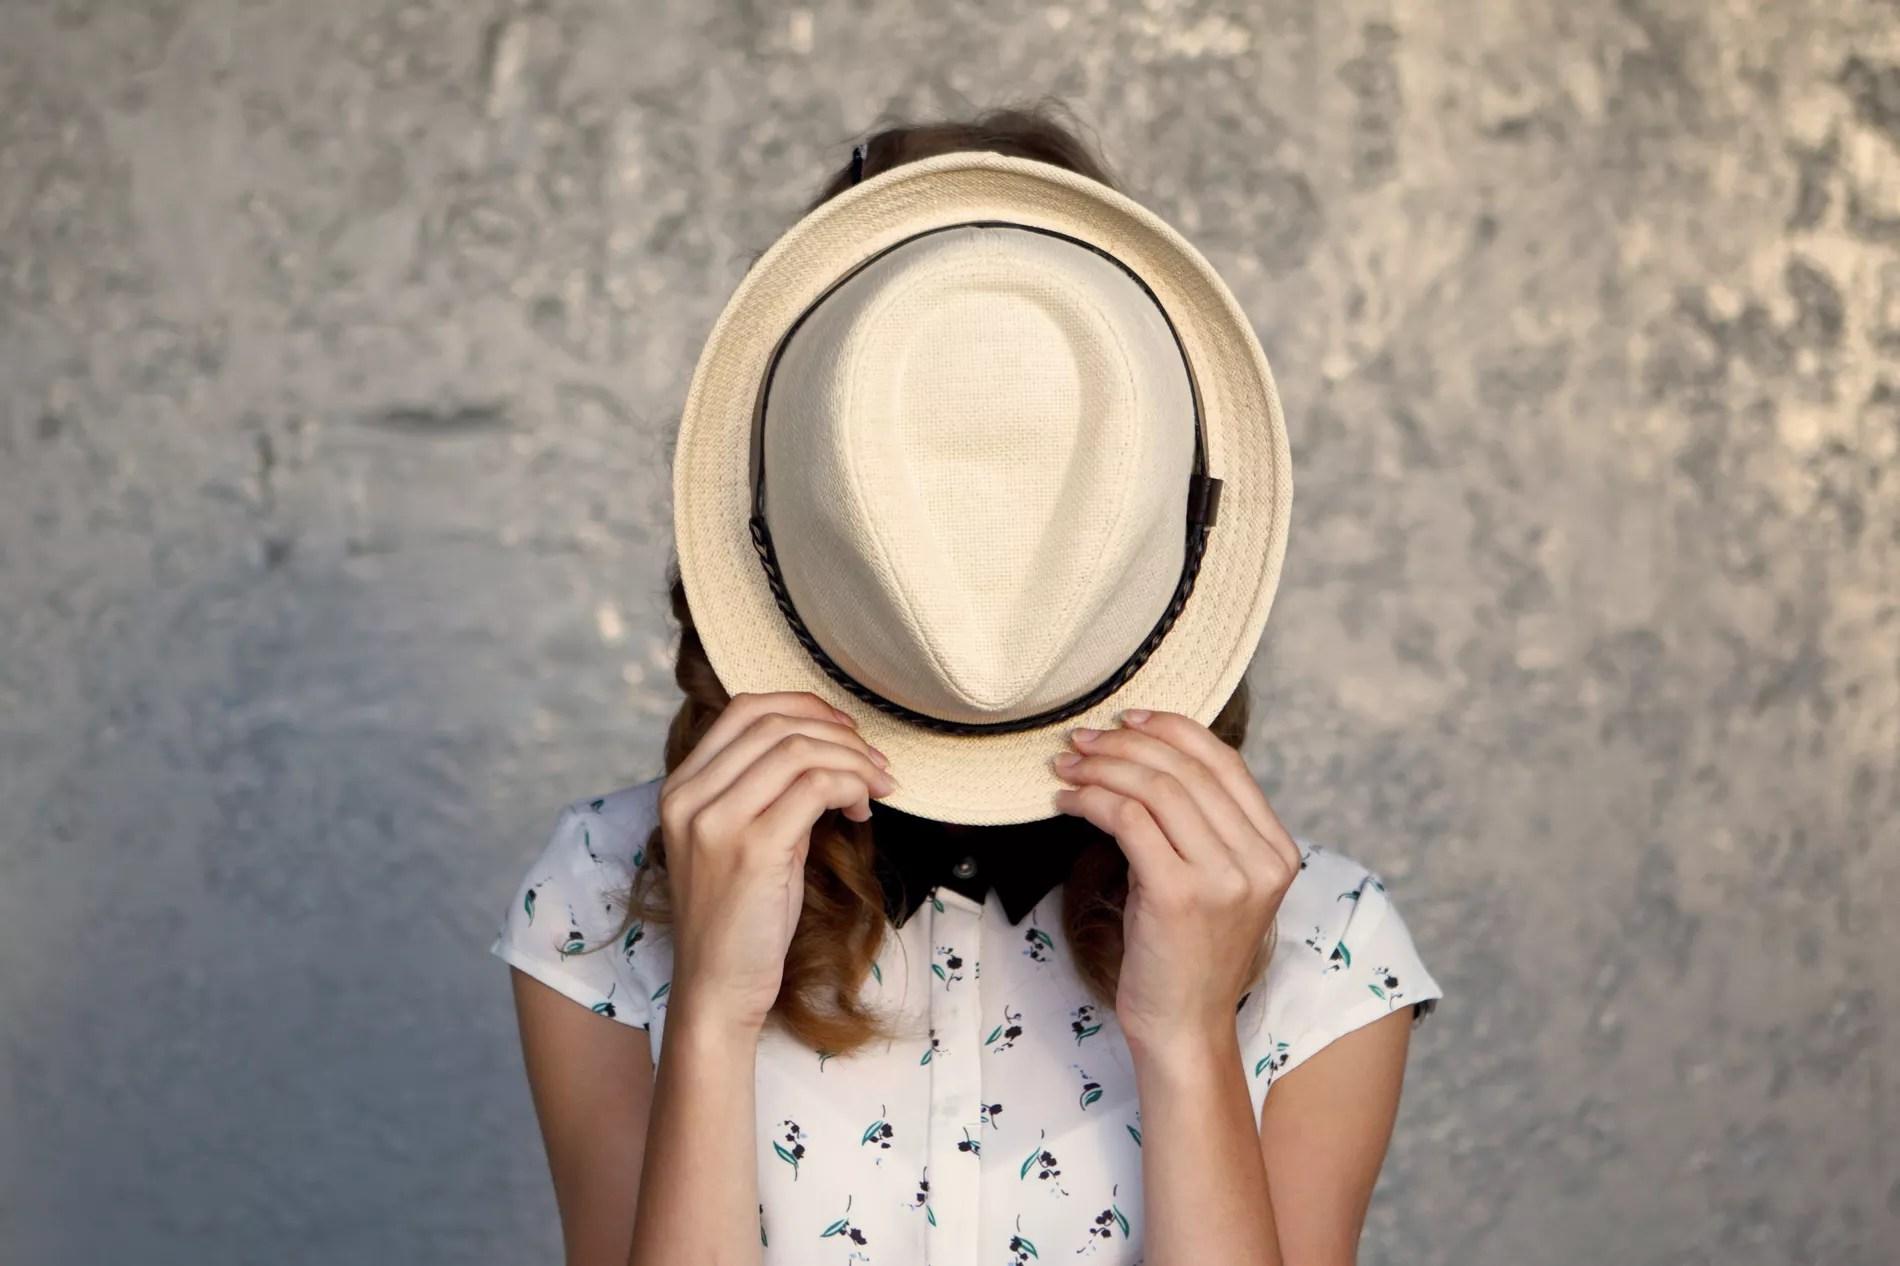 Résultats de recherche d'images pour «manque de confiance en soi»